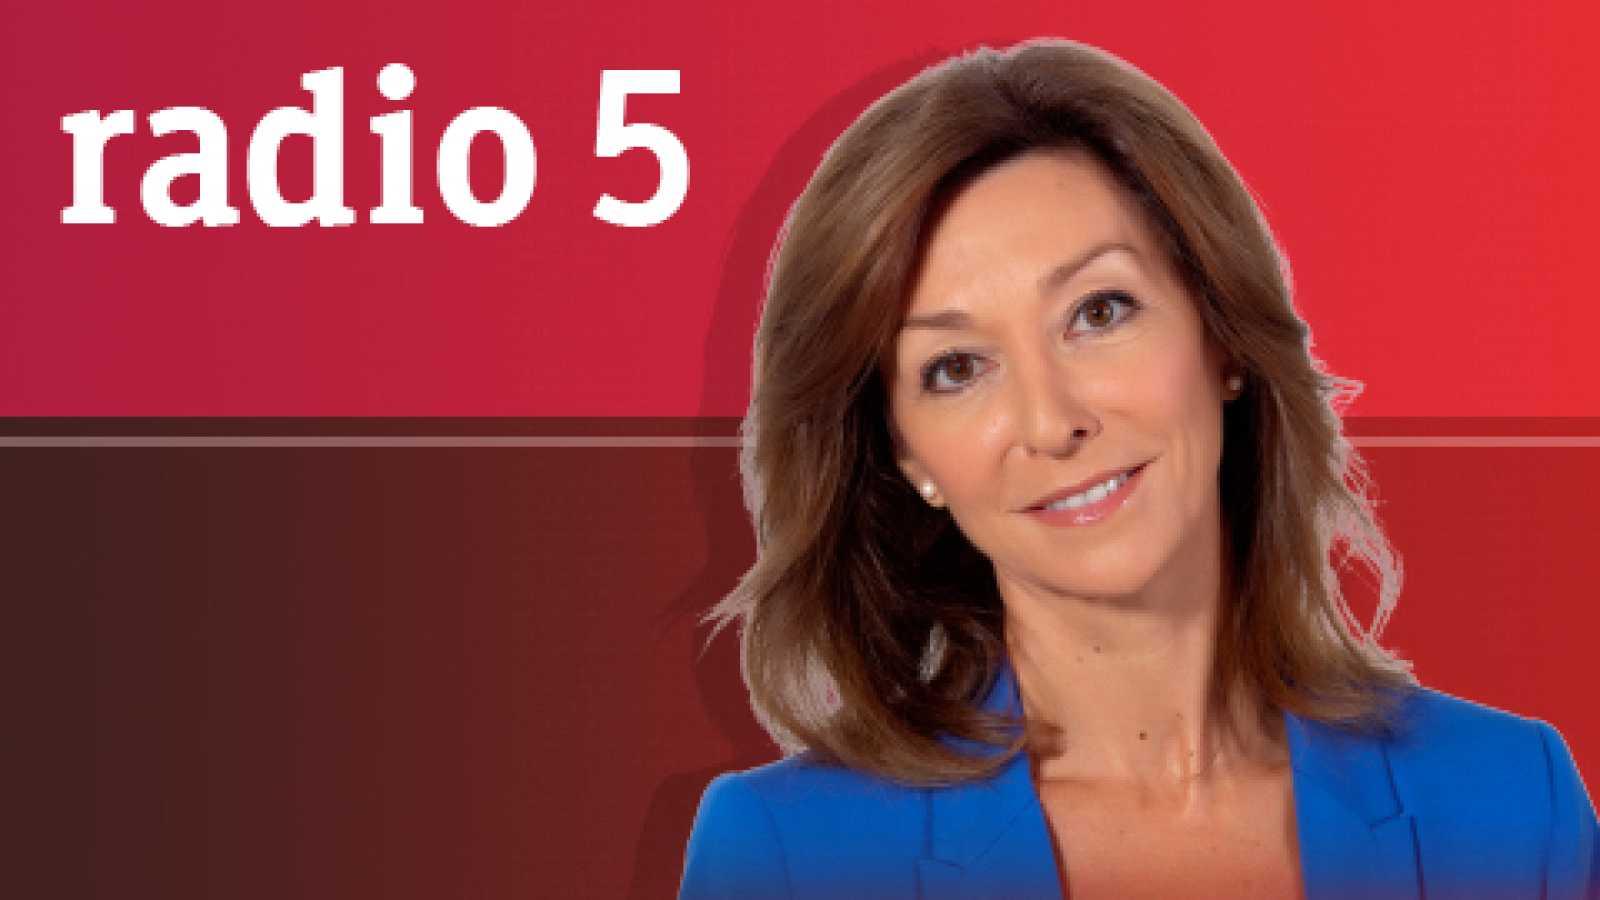 De película en Radio 5 - Decimos ¡hola! a febrero con una cosmética muy especial, la del enemigo - 05/02/21 - Escuchar ahora